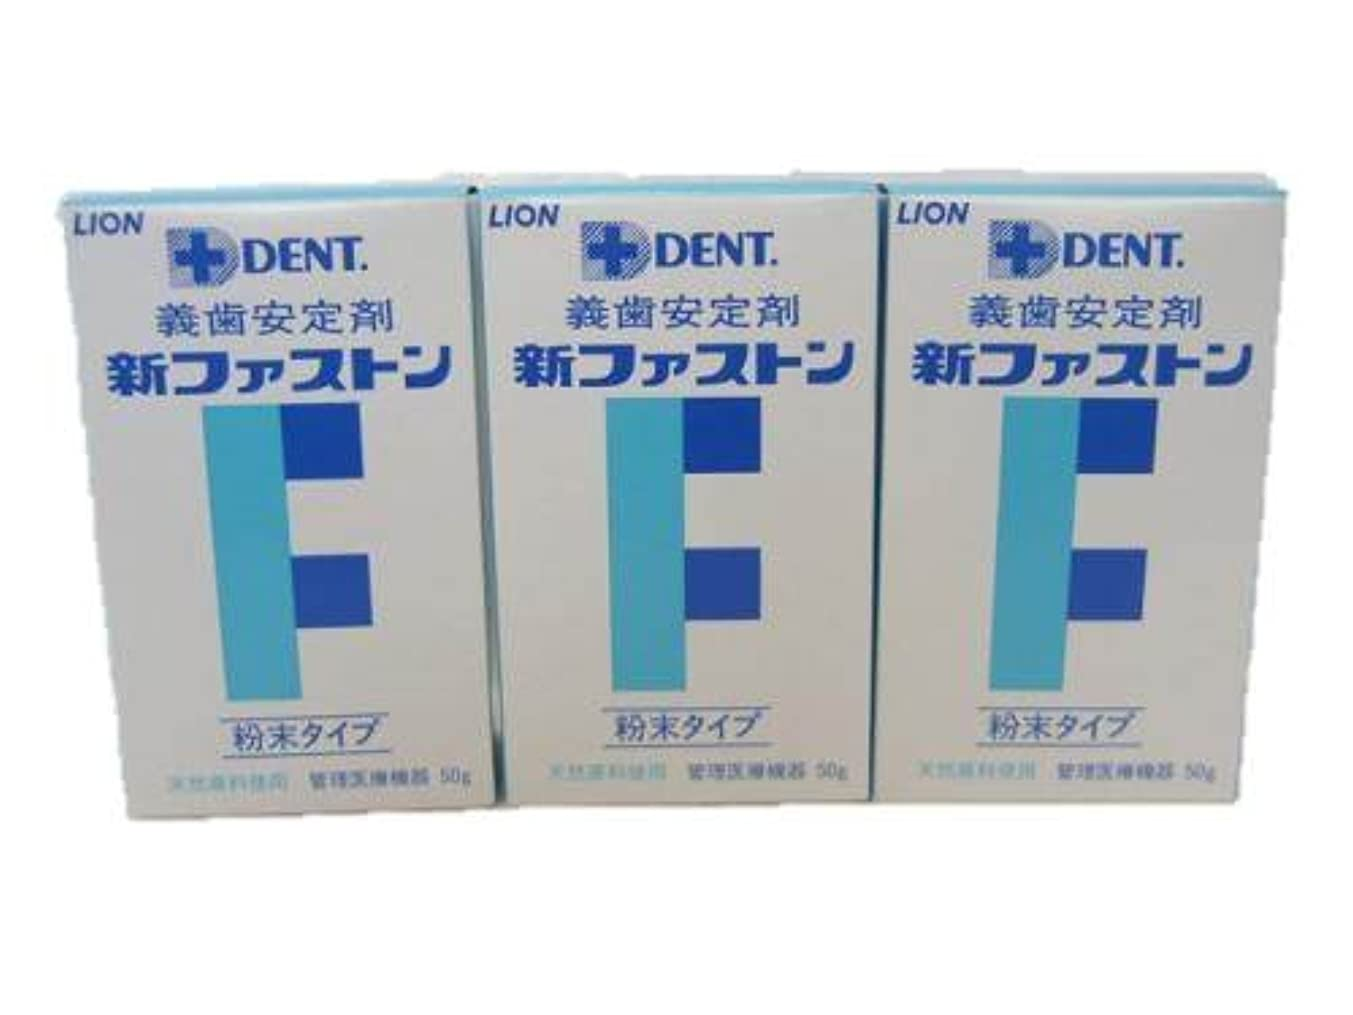 国勢調査委託補充ライオン(LION) DENT. デント 新ファストン(義歯安定剤) 粉末 50g × 3箱セット